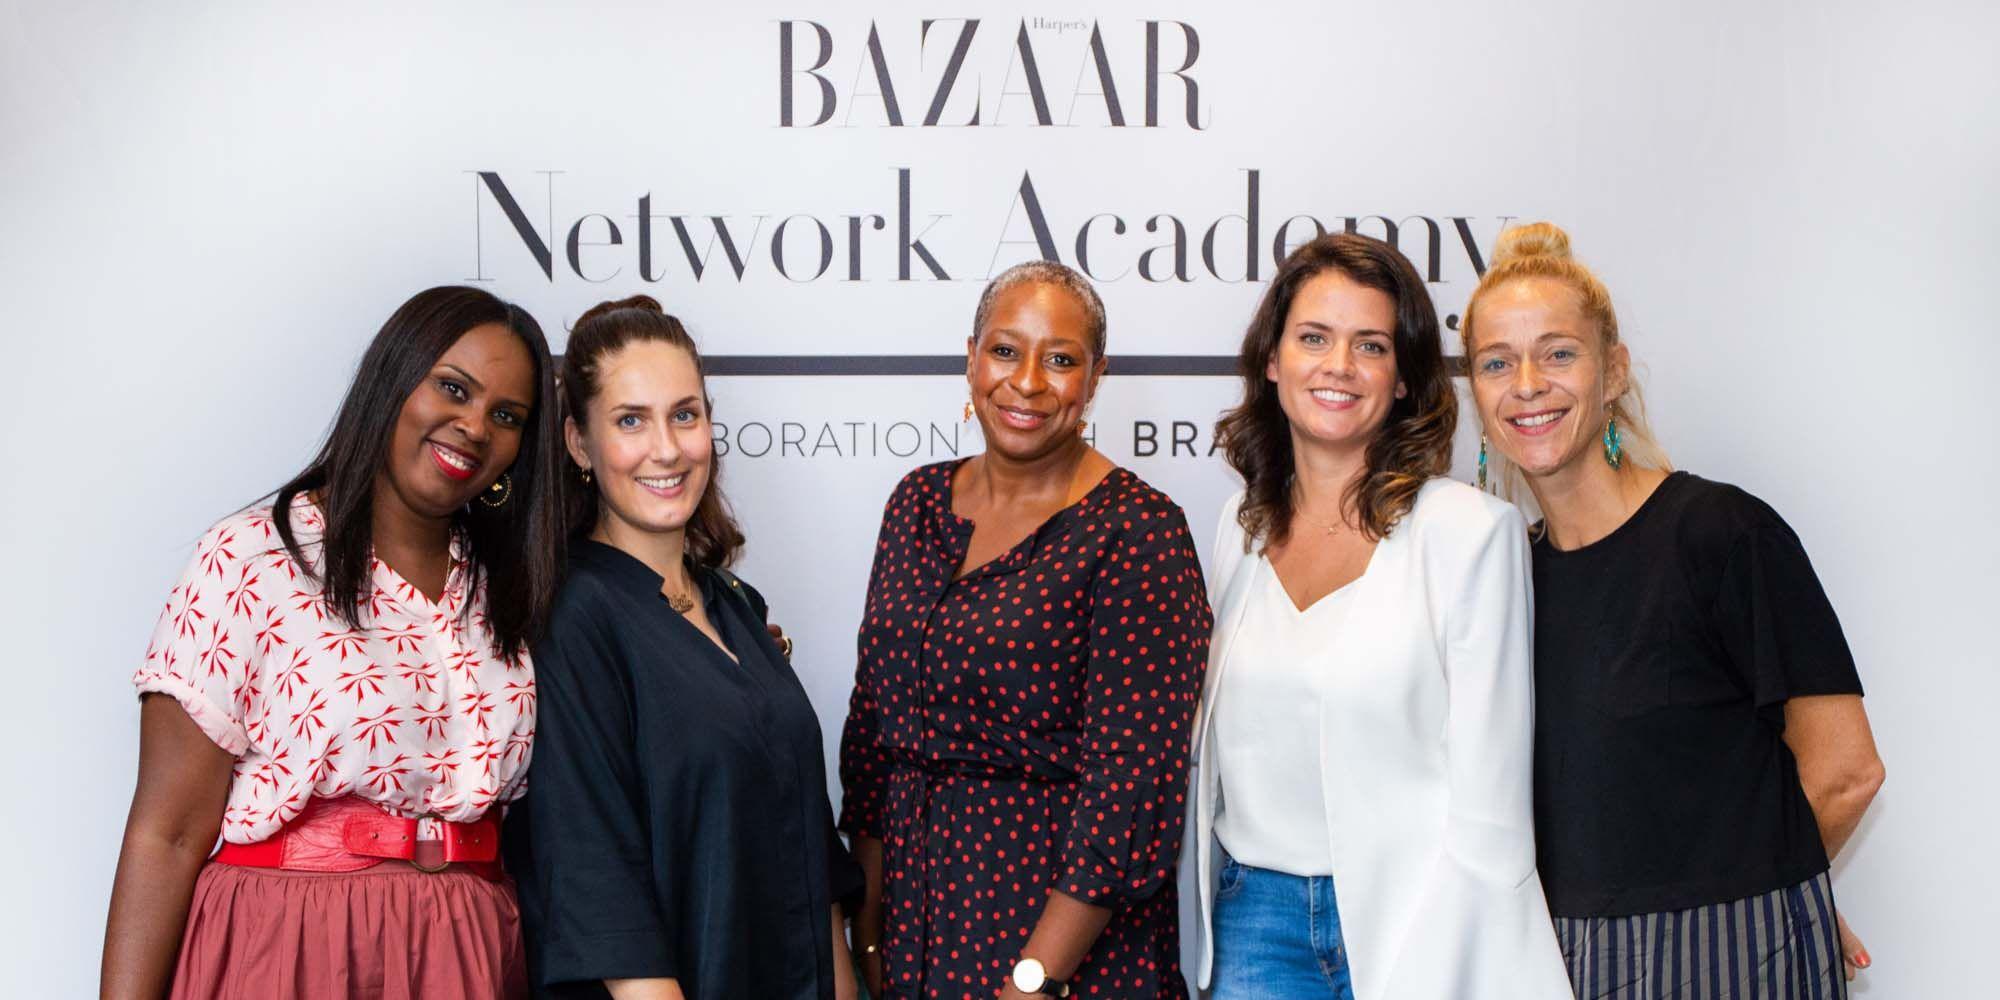 Bazaar network academy